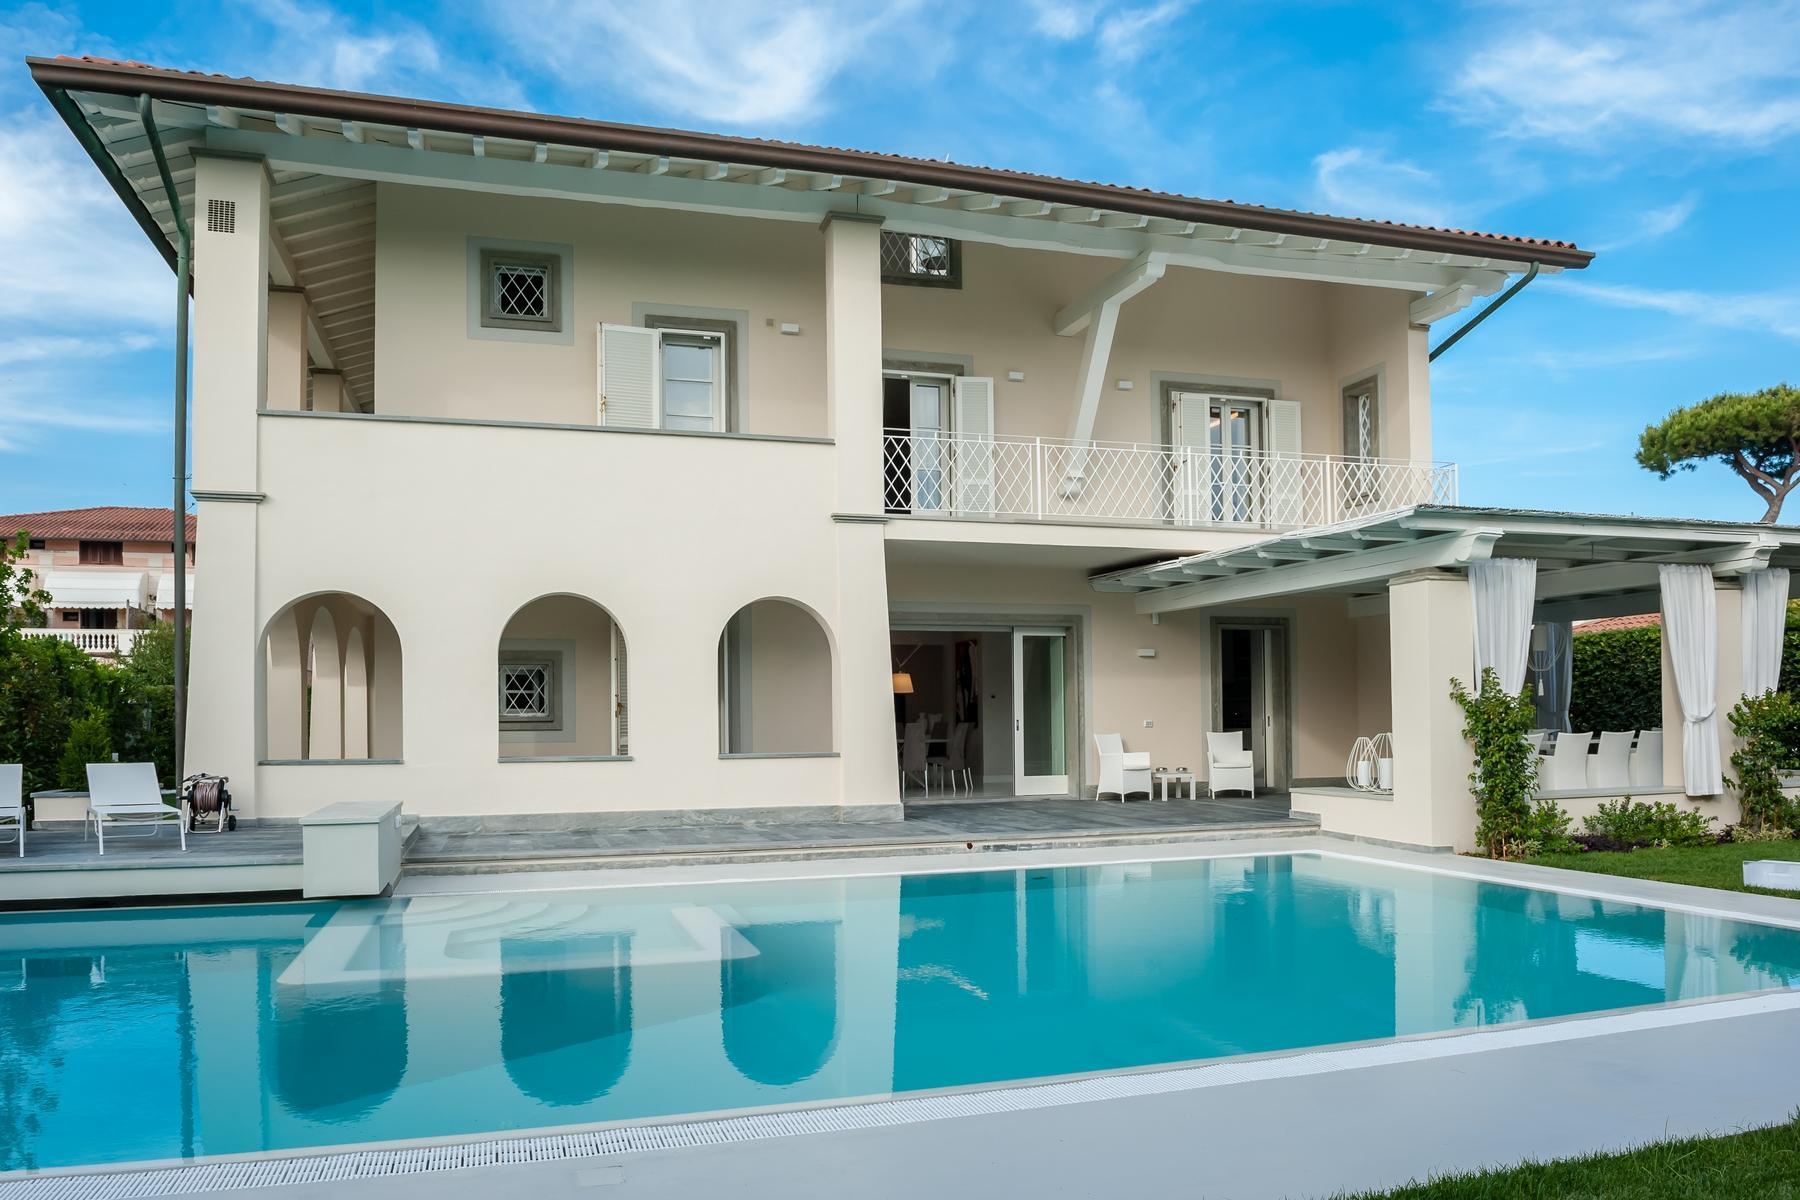 Wunderschöne Villa mit Pool in Forte dei Marmi - 4